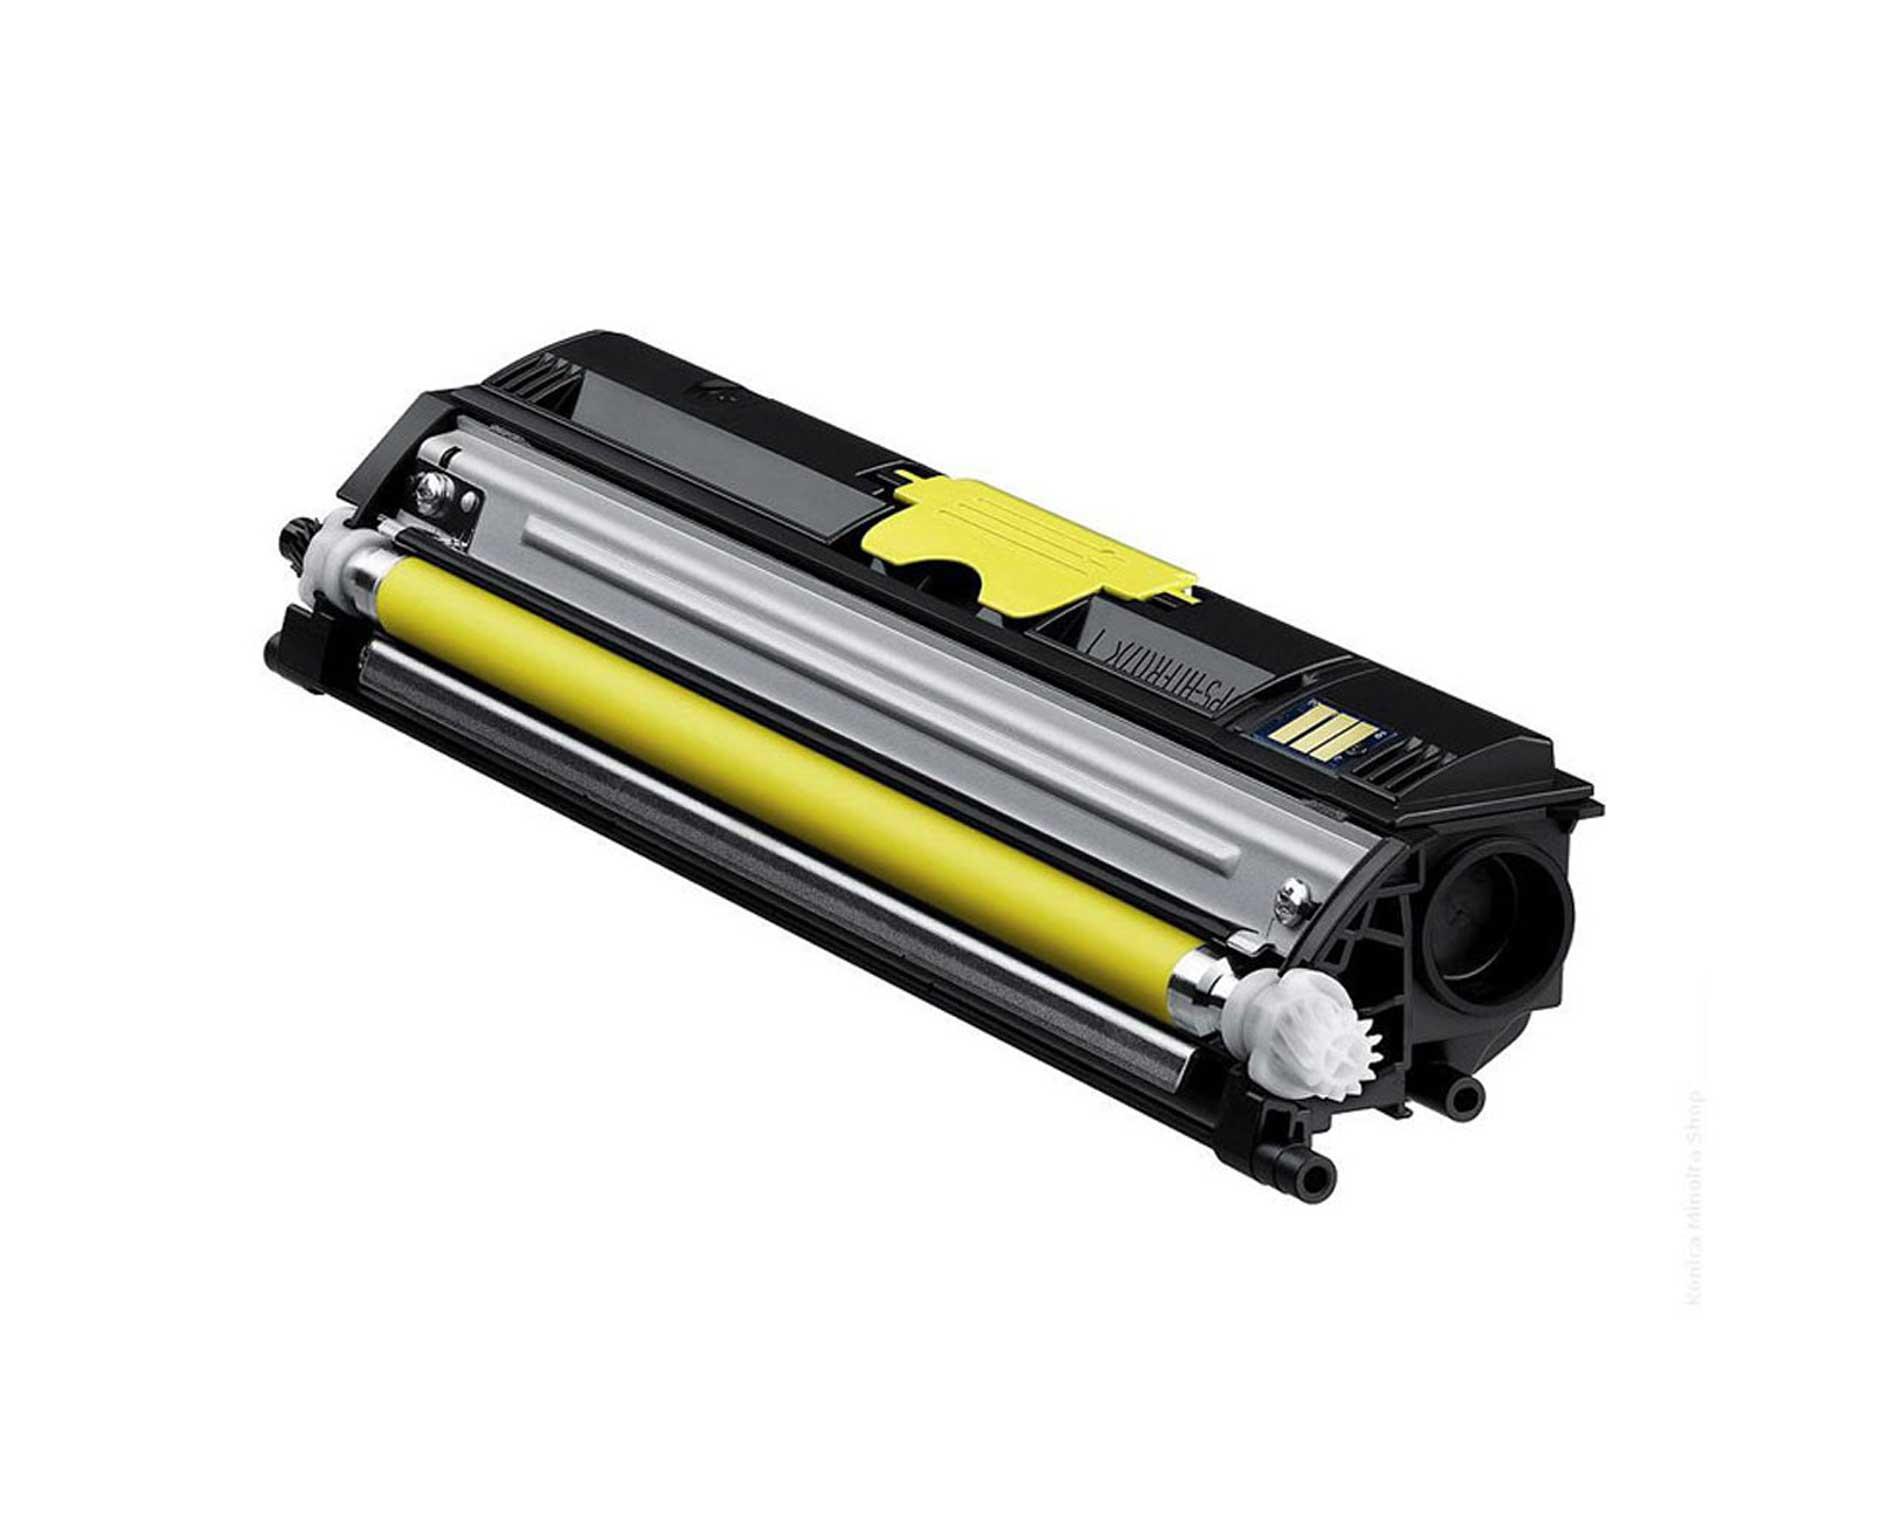 Minolta 1600Y Lasertoner, Gul, Kompatibel, 2500 sider